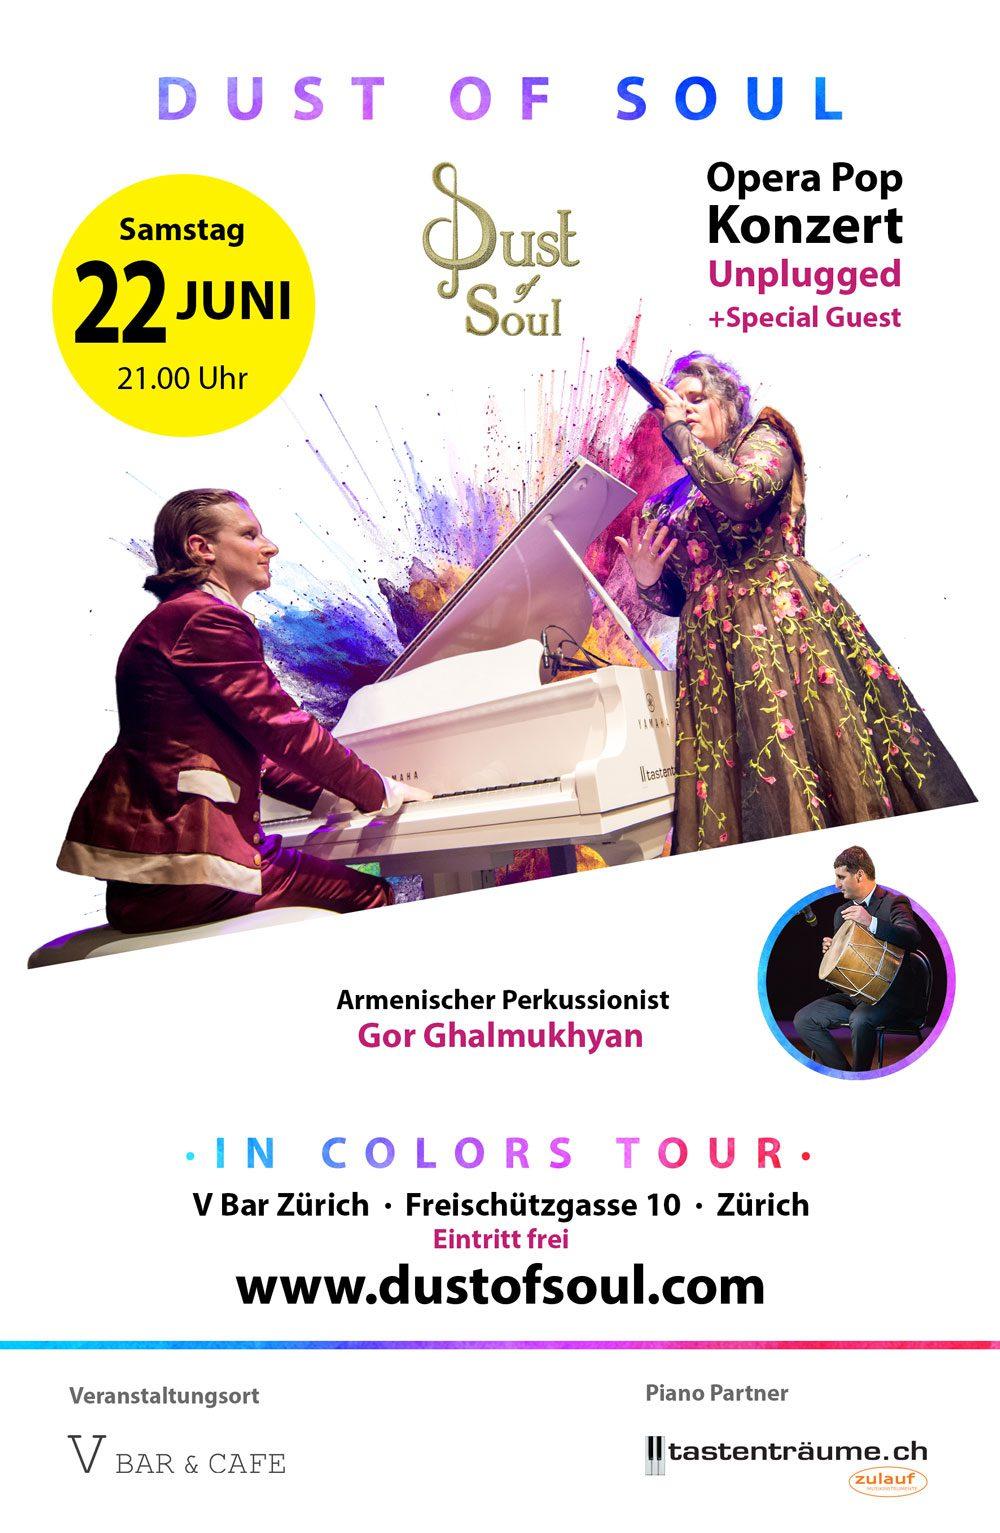 Unplugged Konzert mit Special Guest